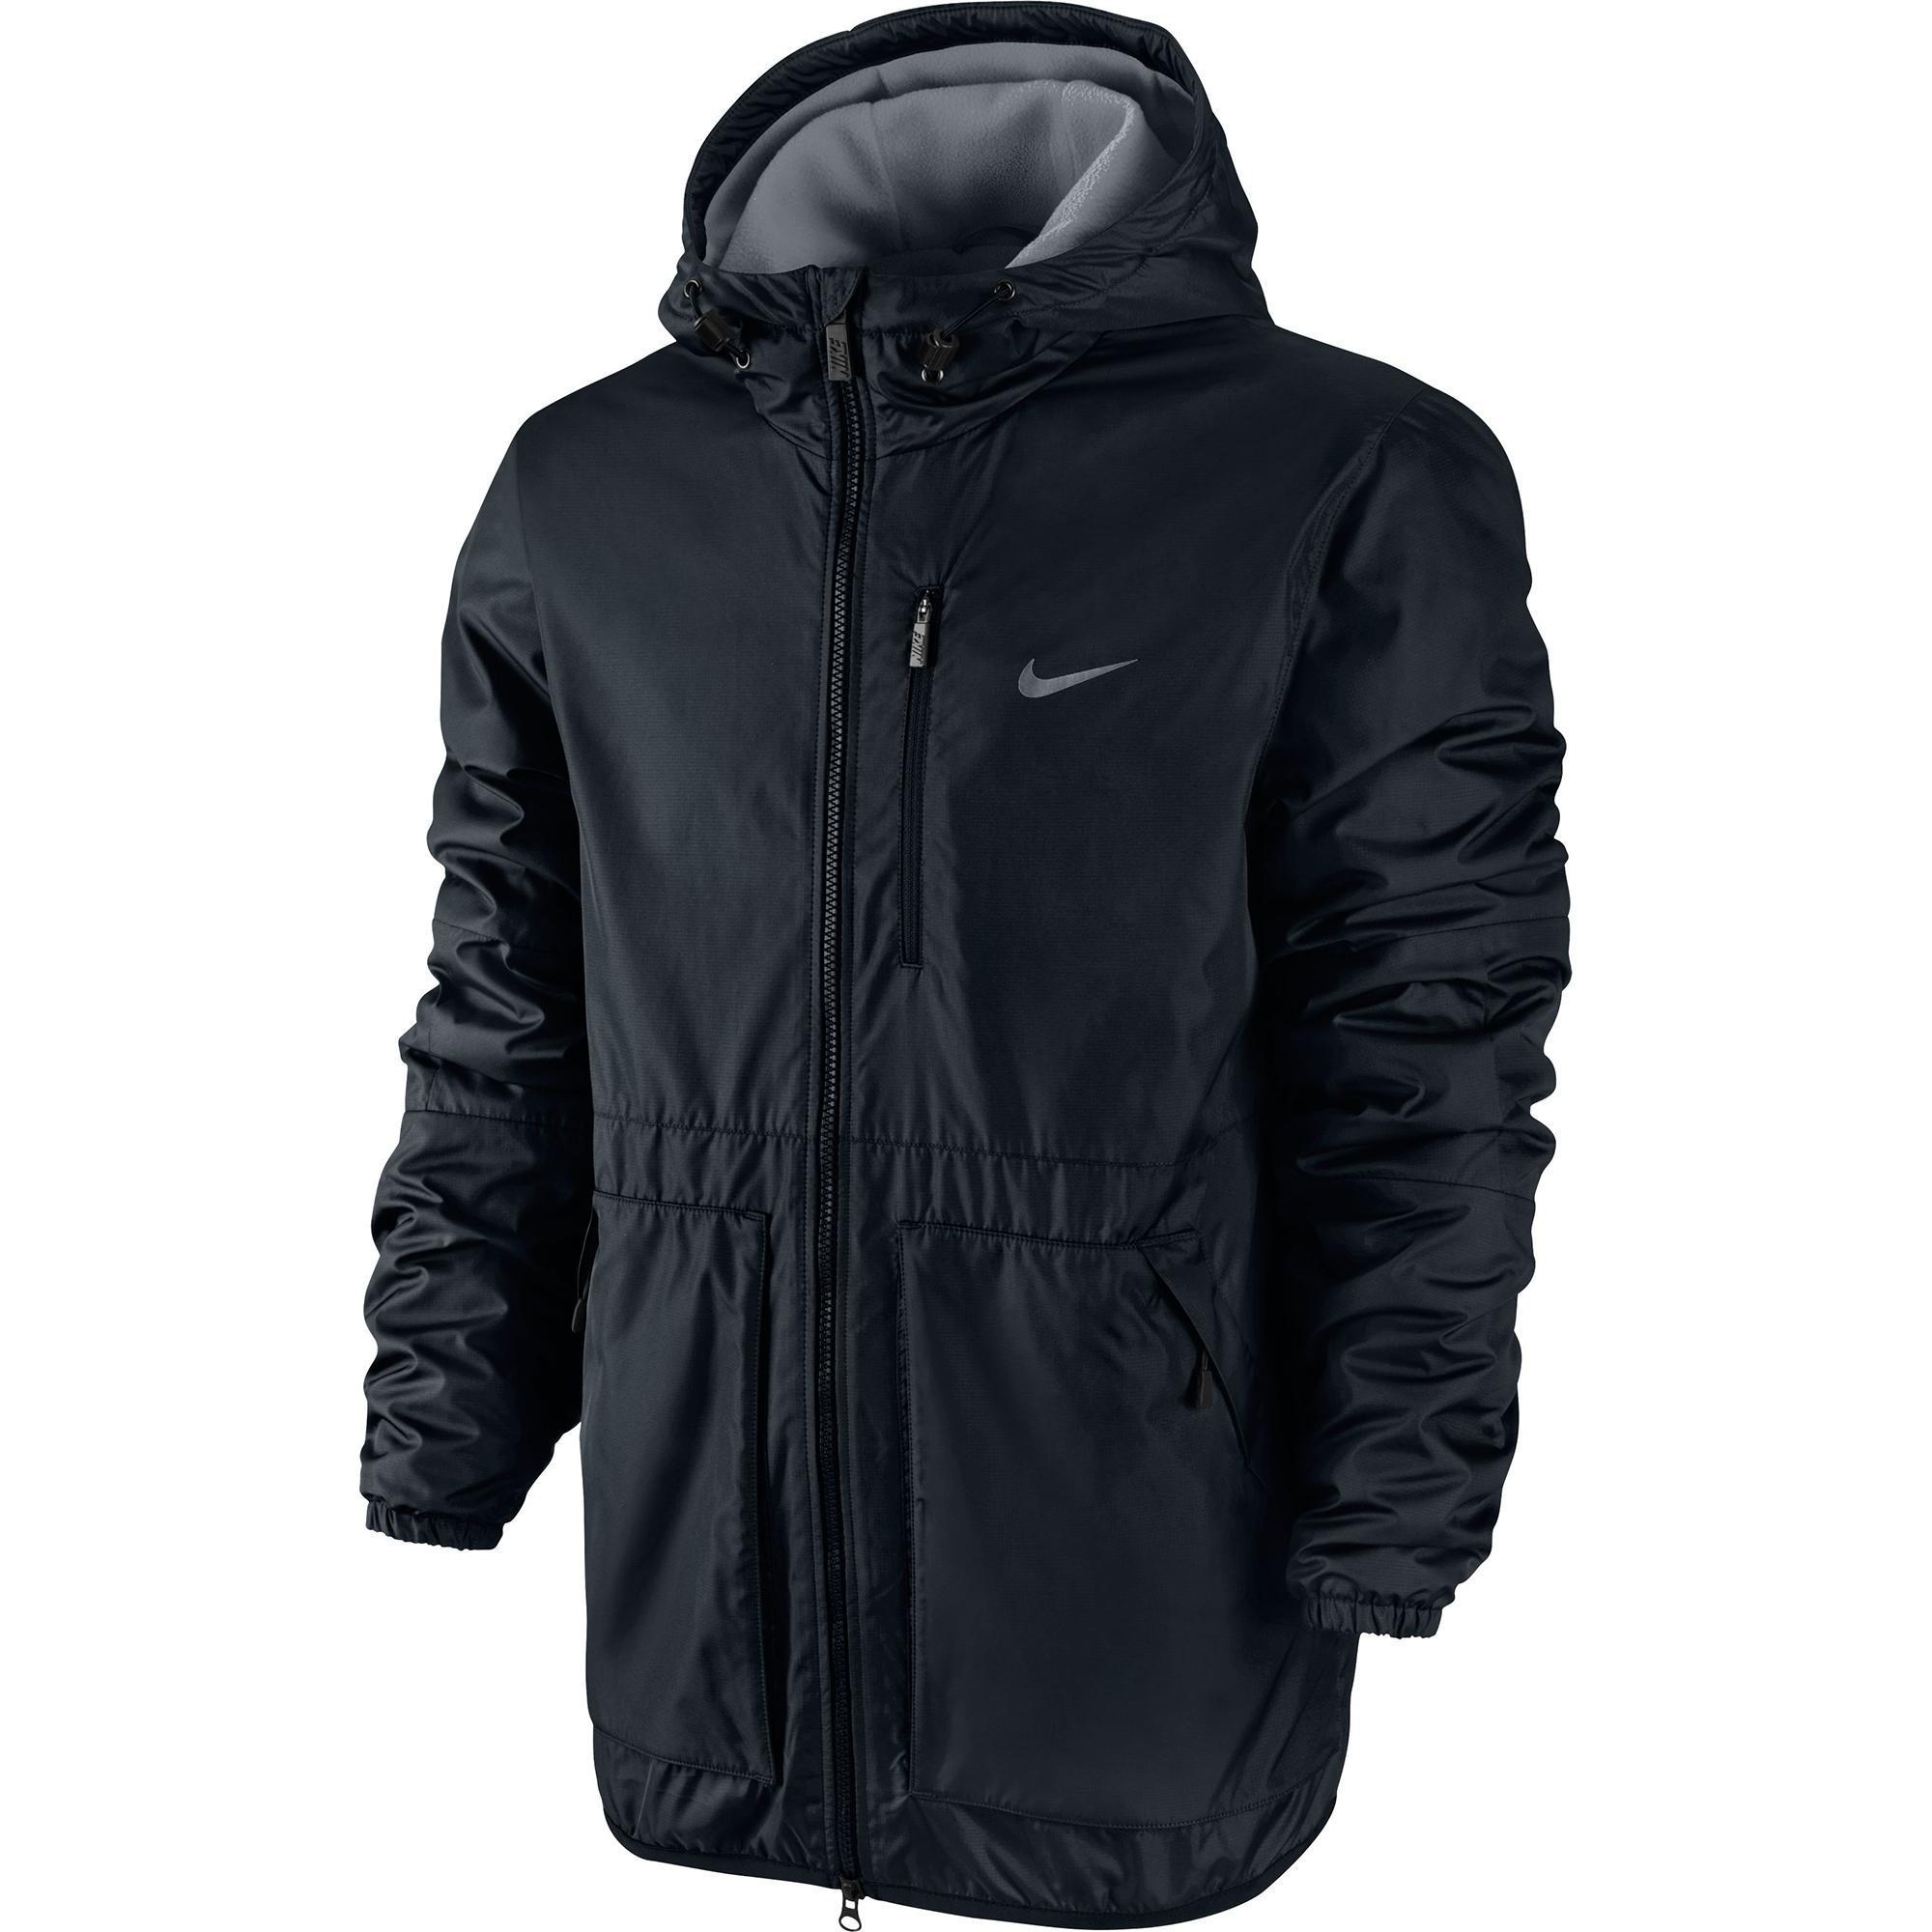 nike mens alliance fleece lined jacket black grey. Black Bedroom Furniture Sets. Home Design Ideas